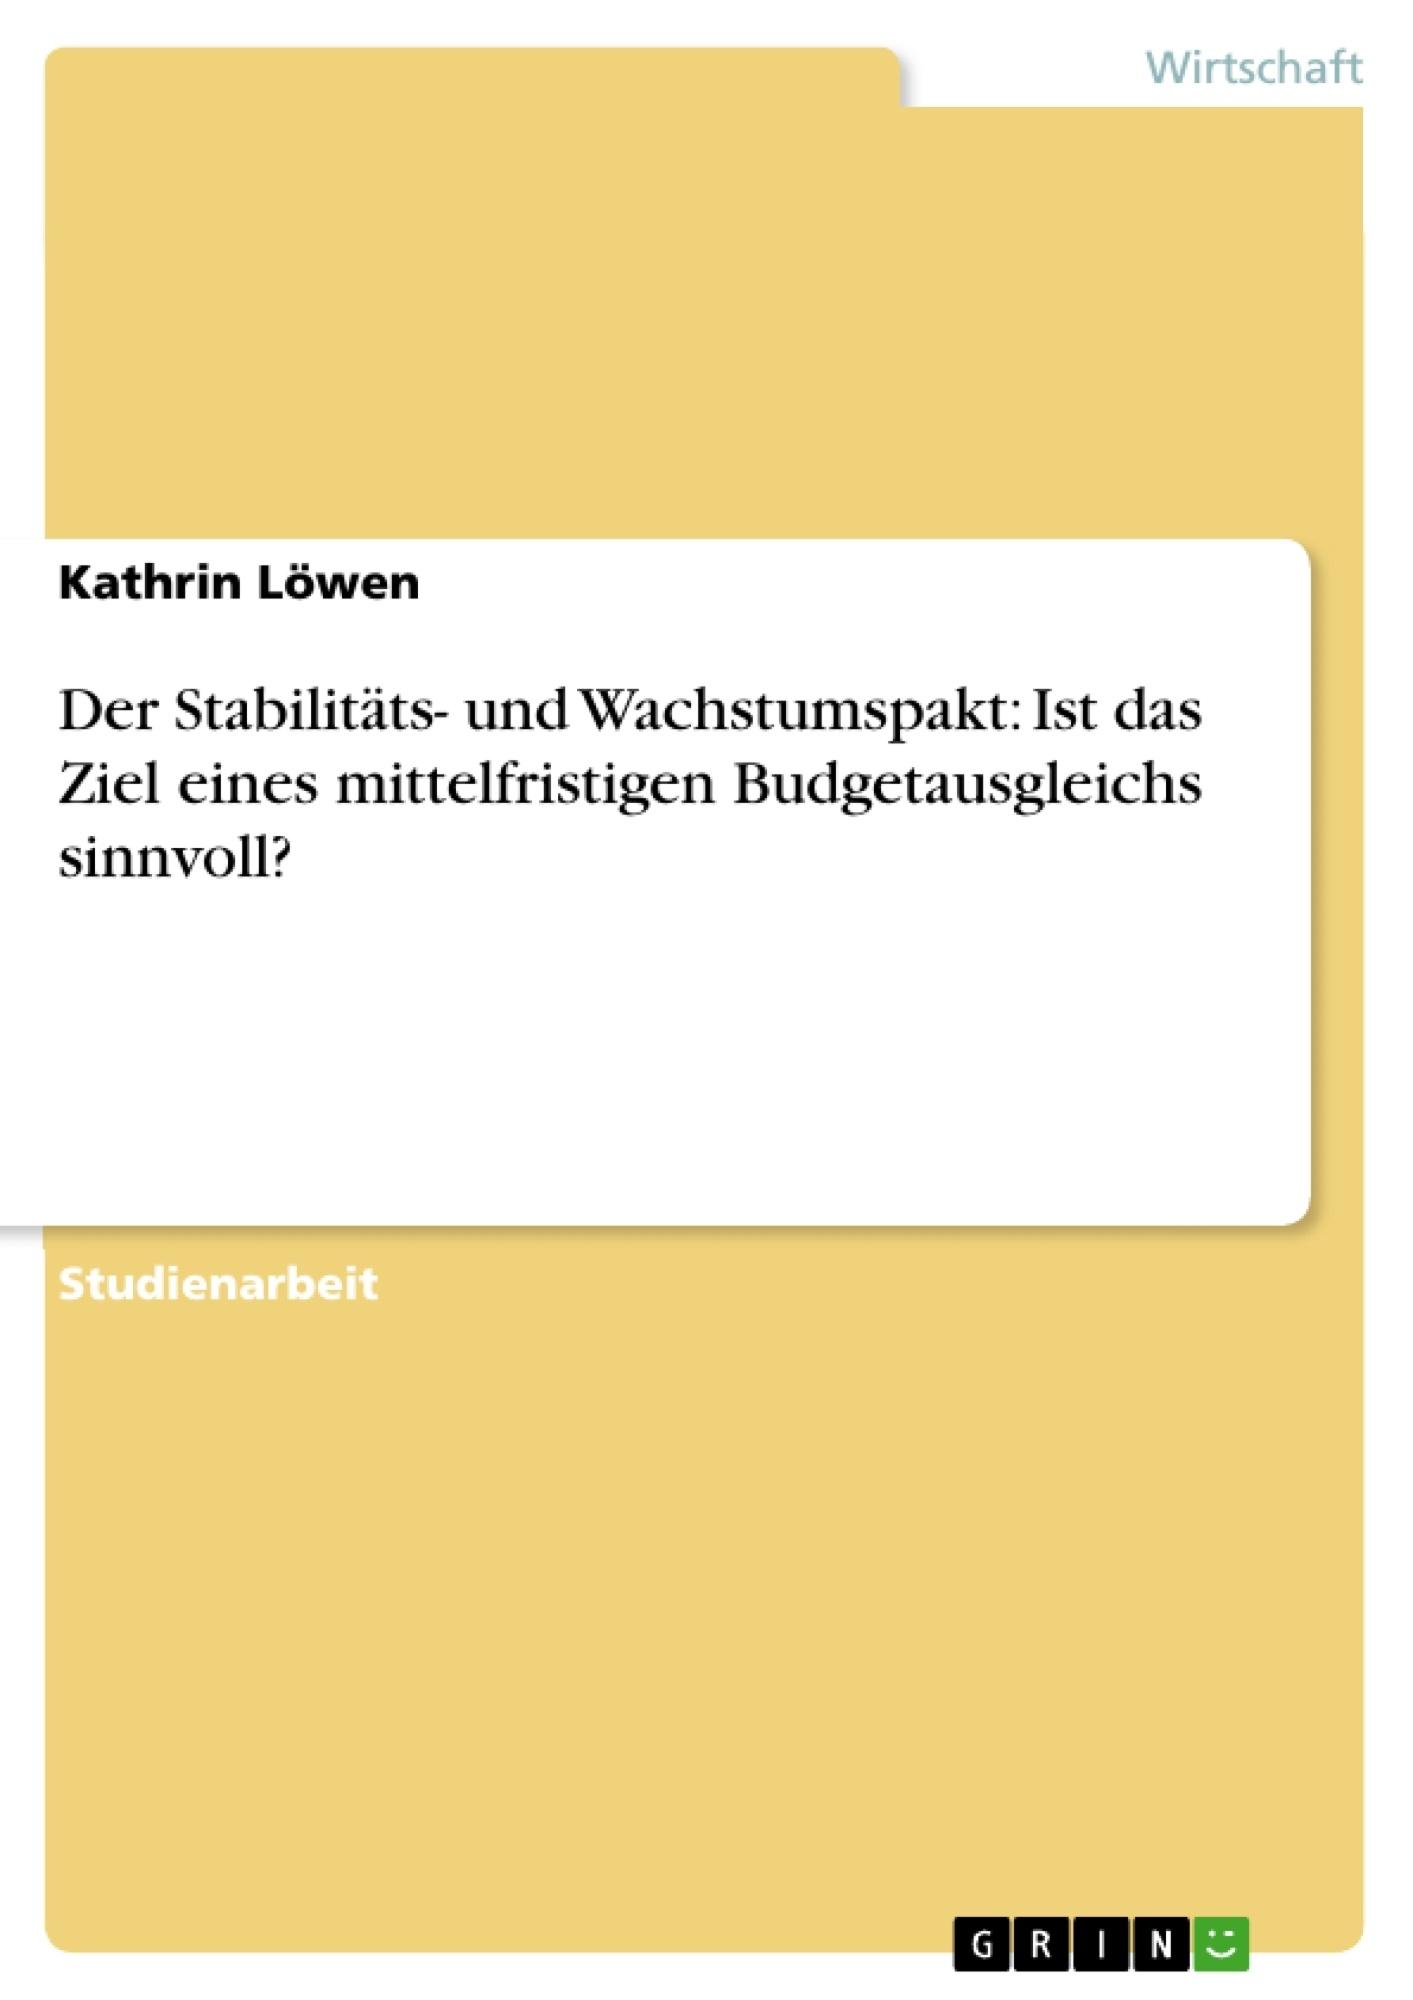 Titel: Der Stabilitäts- und Wachstumspakt: Ist das Ziel eines mittelfristigen Budgetausgleichs sinnvoll?